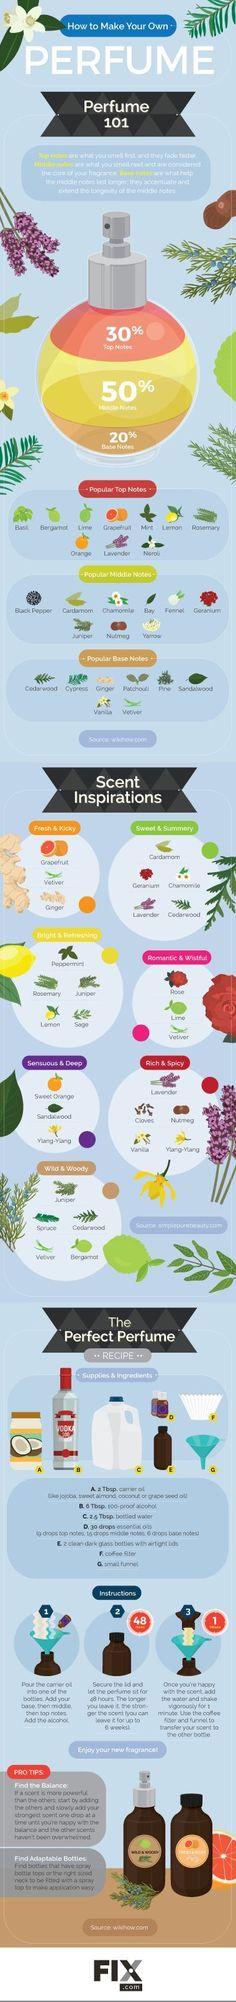 Essential Oil Perfume Recipes | Fix.com